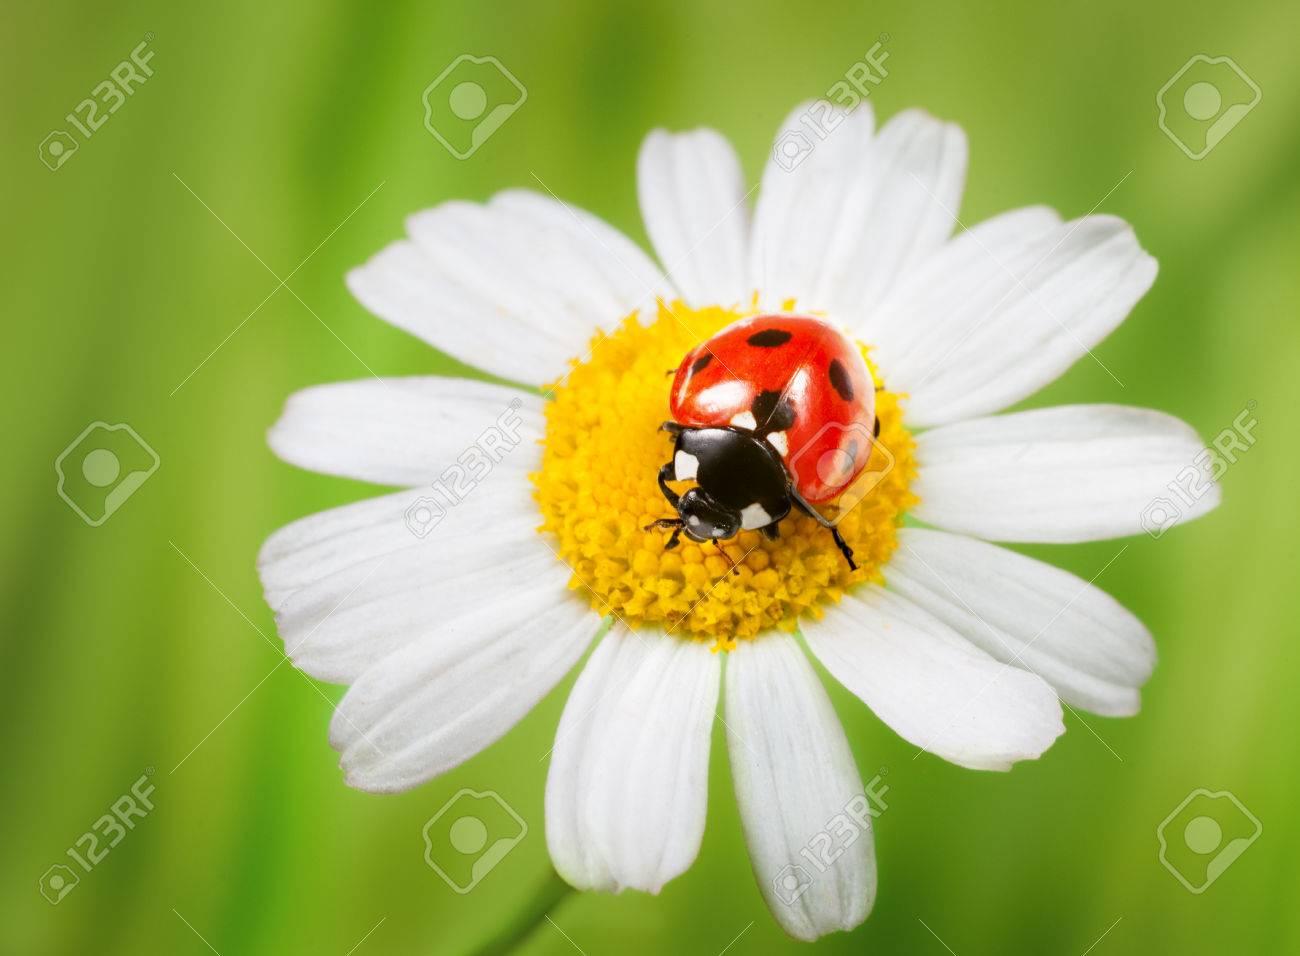 Marienkafer Auf Ganseblumchen Im Gras Lizenzfreie Fotos Bilder Und Stock Fotografie Image 25631426